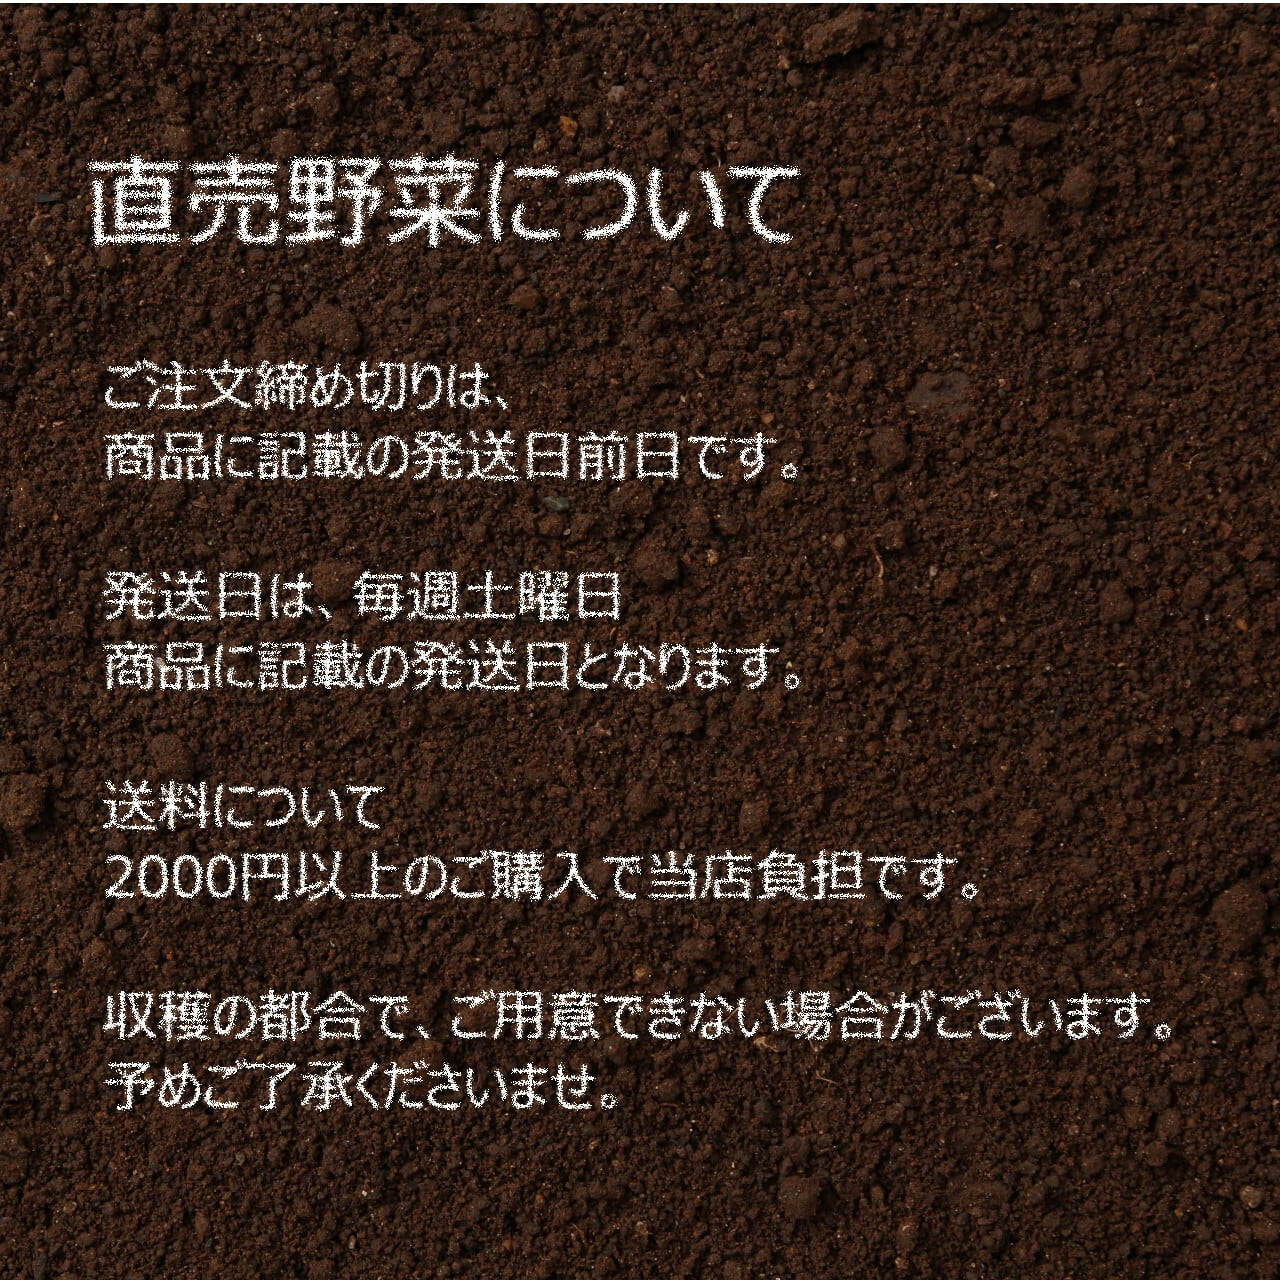 7月の新鮮野菜 : キュウリ 4~5本 朝採り直売野菜  7月17日発送予定